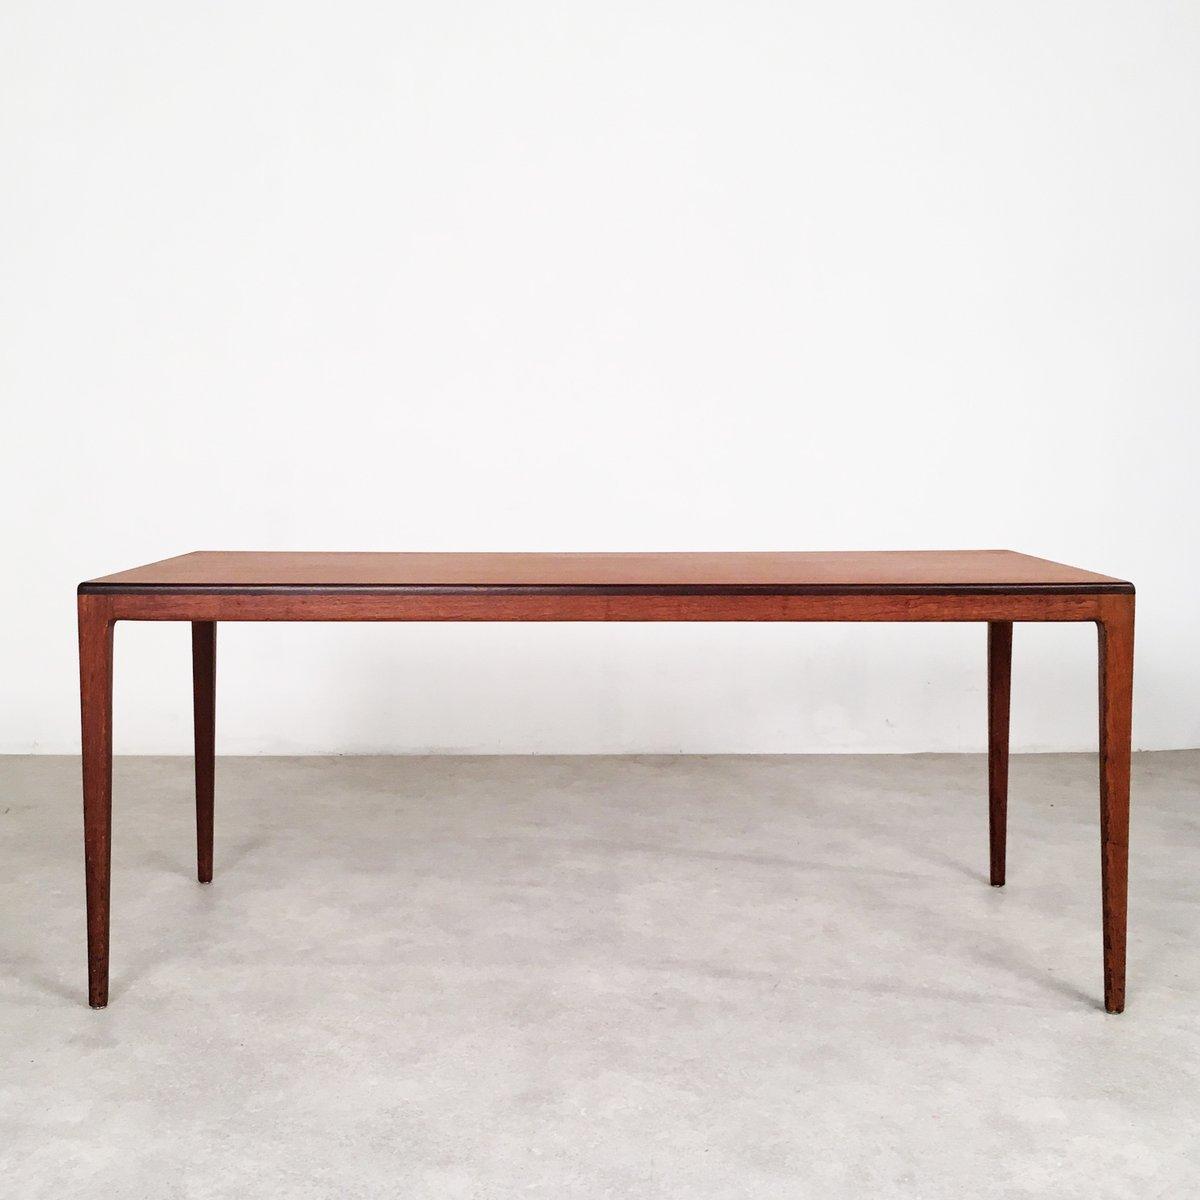 Teak and Oak Side Table by Georg Leowald for Wilkhahn 1950s for